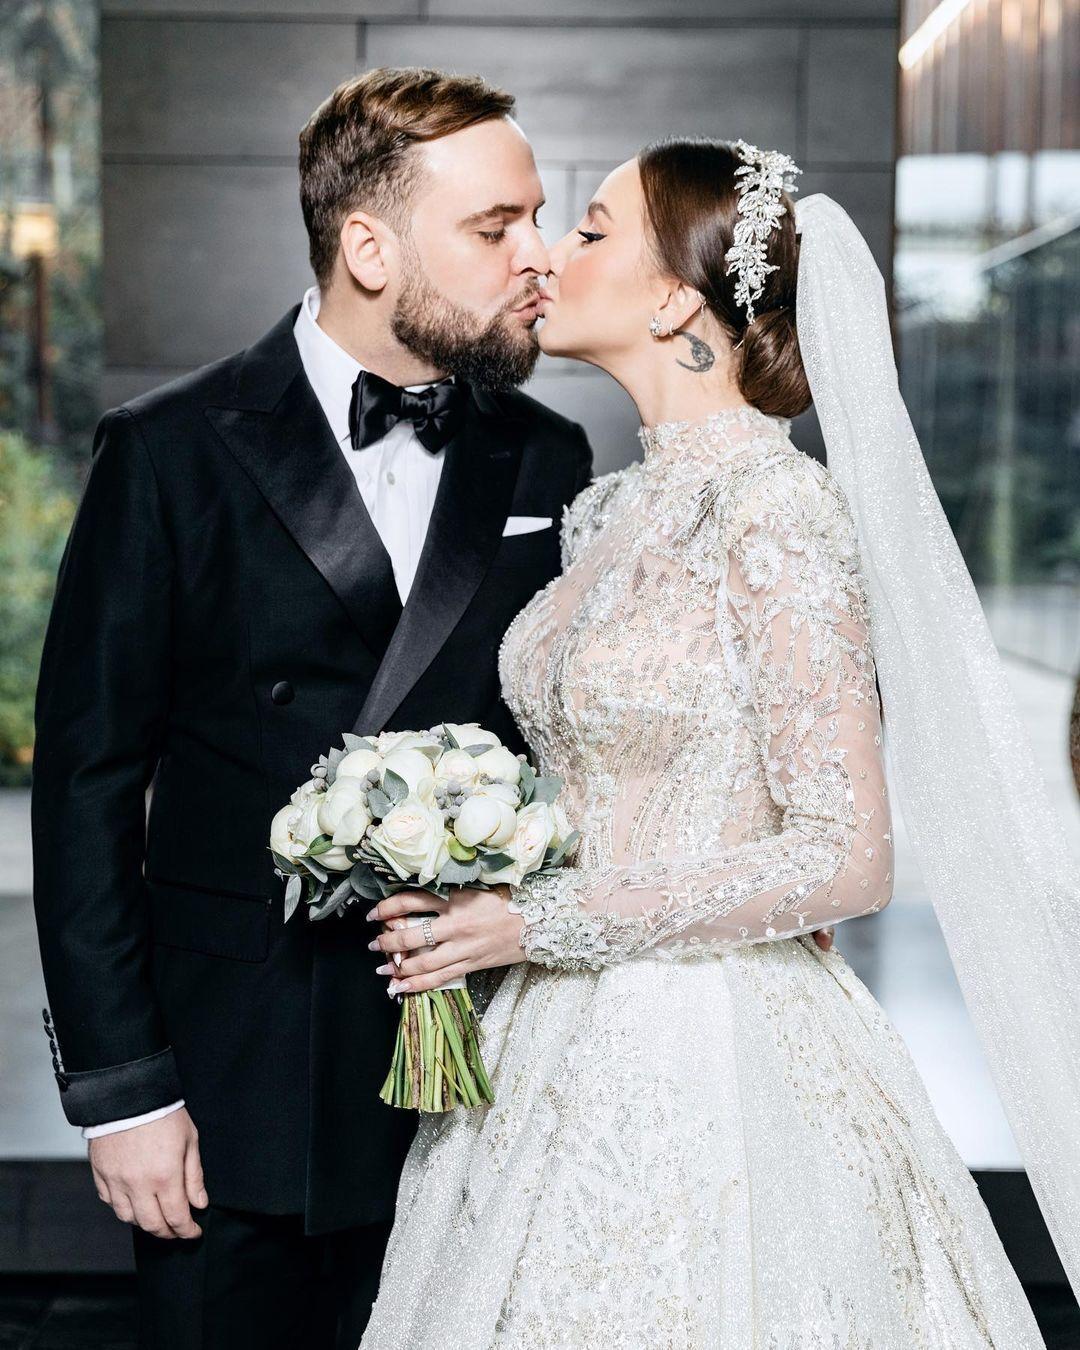 Asti та її чоловік